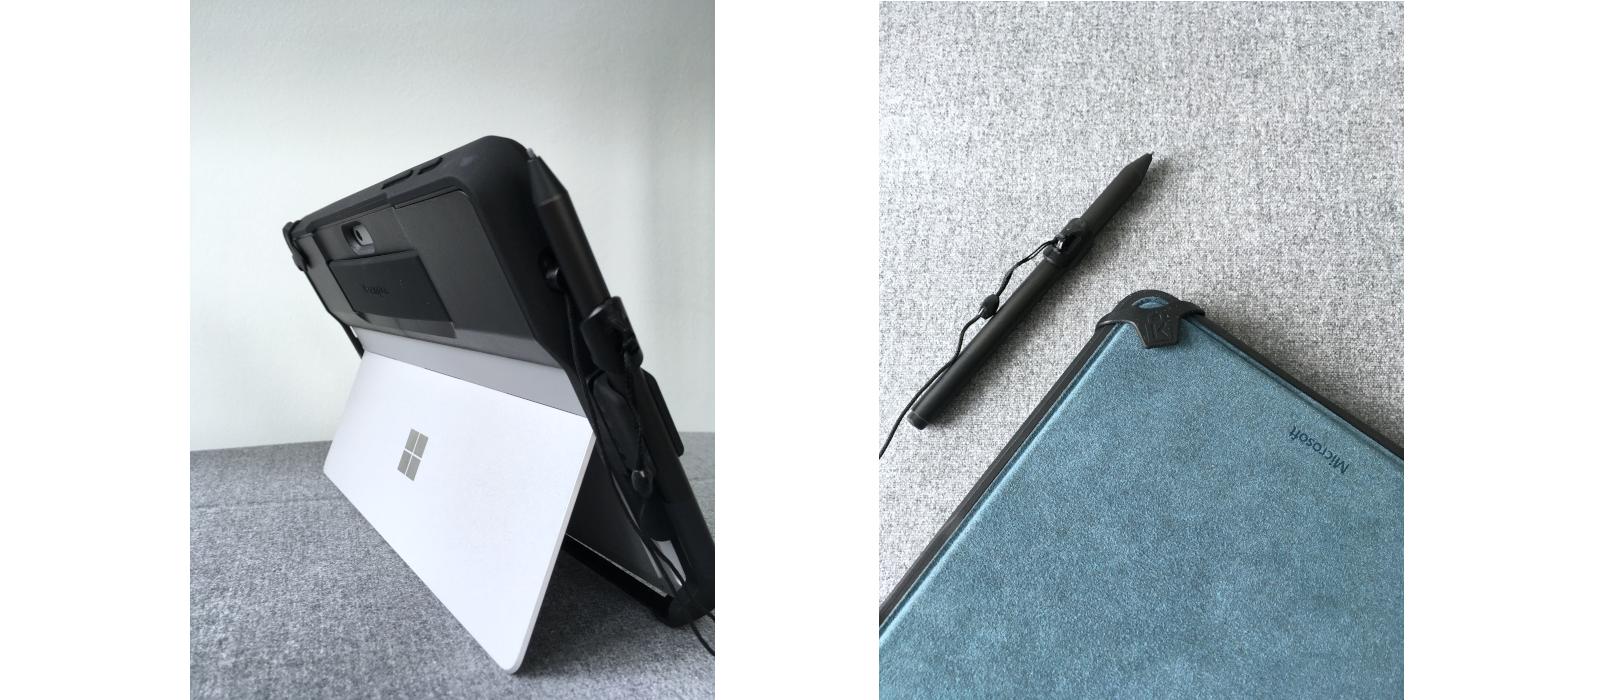 Das Kensington® BlackBelt™ Rugged Case für das Surface Go und Surface Go 2 mit Stifthalter für den Surface Pen